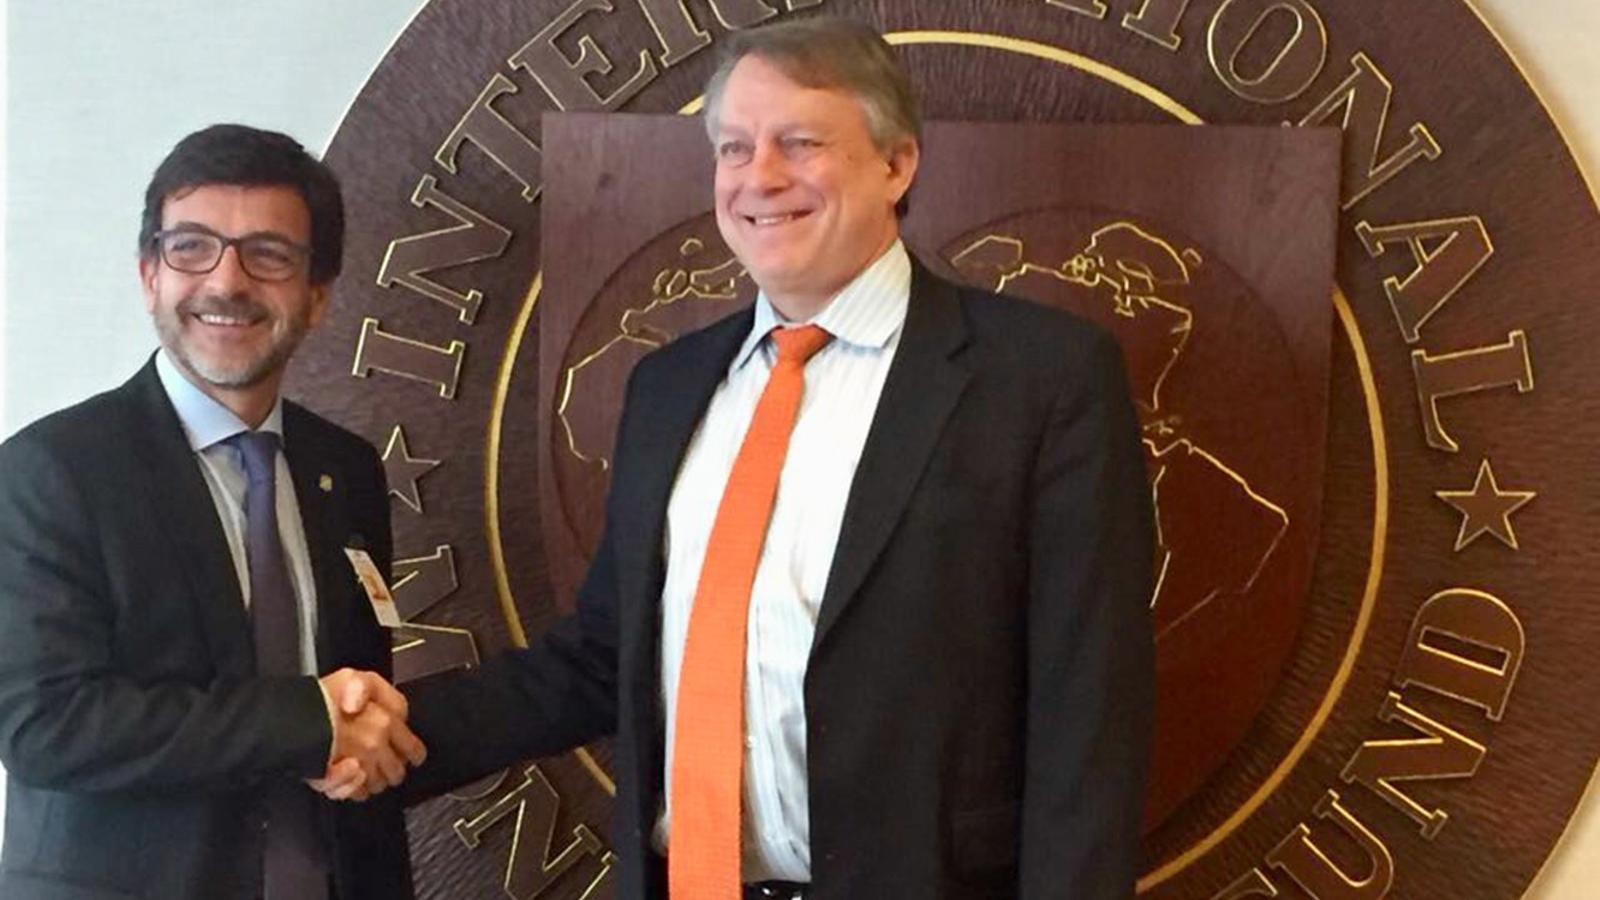 El ministre de Finances, Jordi Cinca, amb el secretari de nous ingressos de l'FMI, Tom R. Rumbough. / SFGA